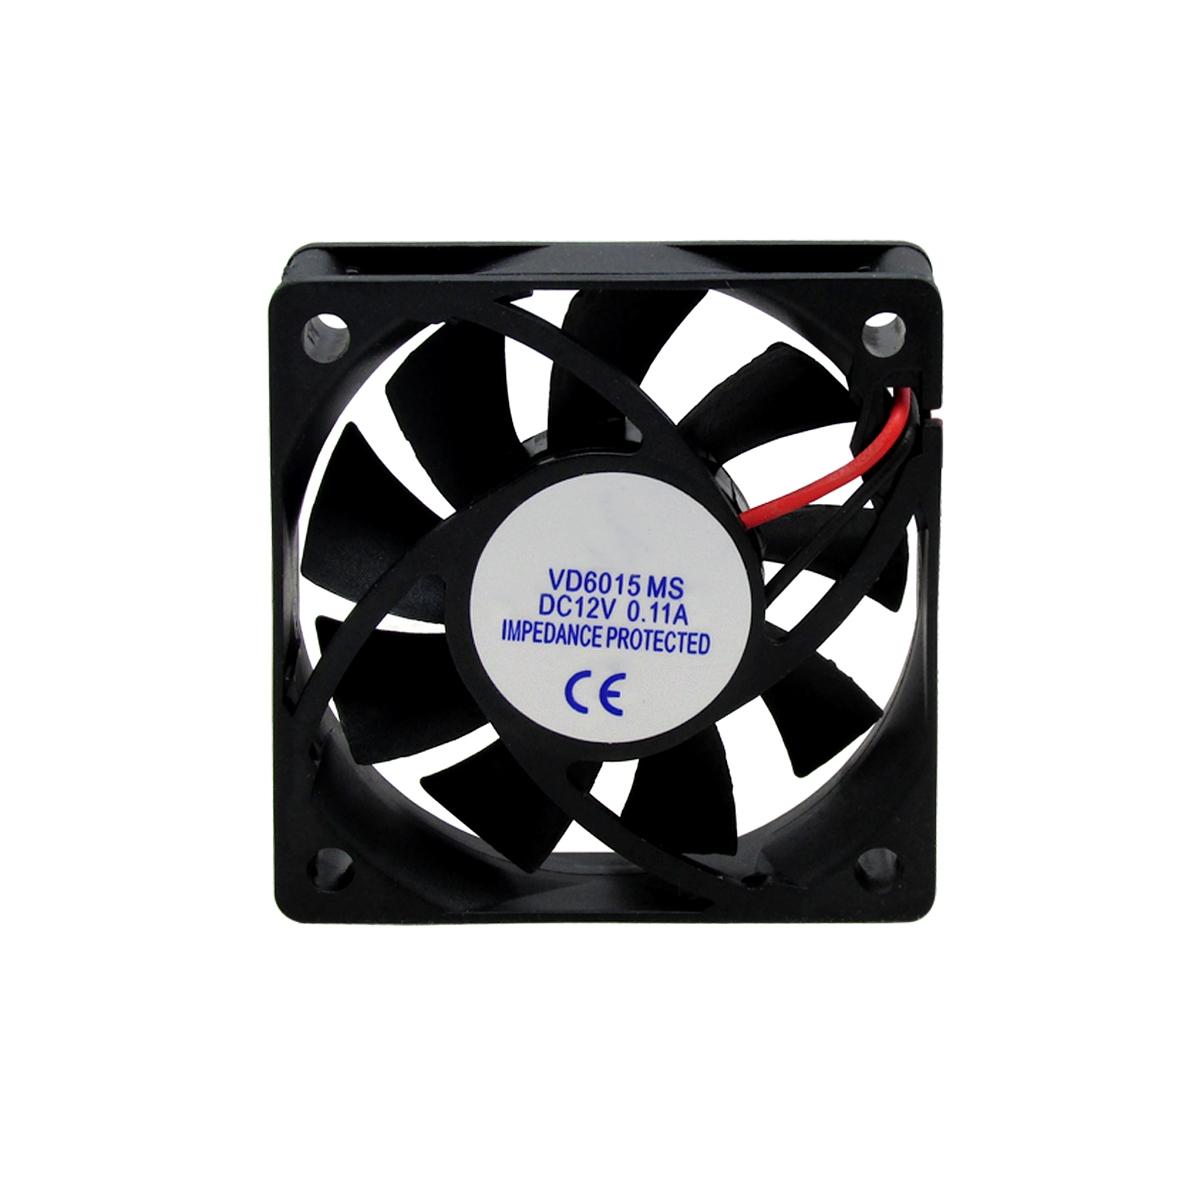 5pcs Ventilador Cooler Ventuinha Gc 60x60x15mm 12v Nova